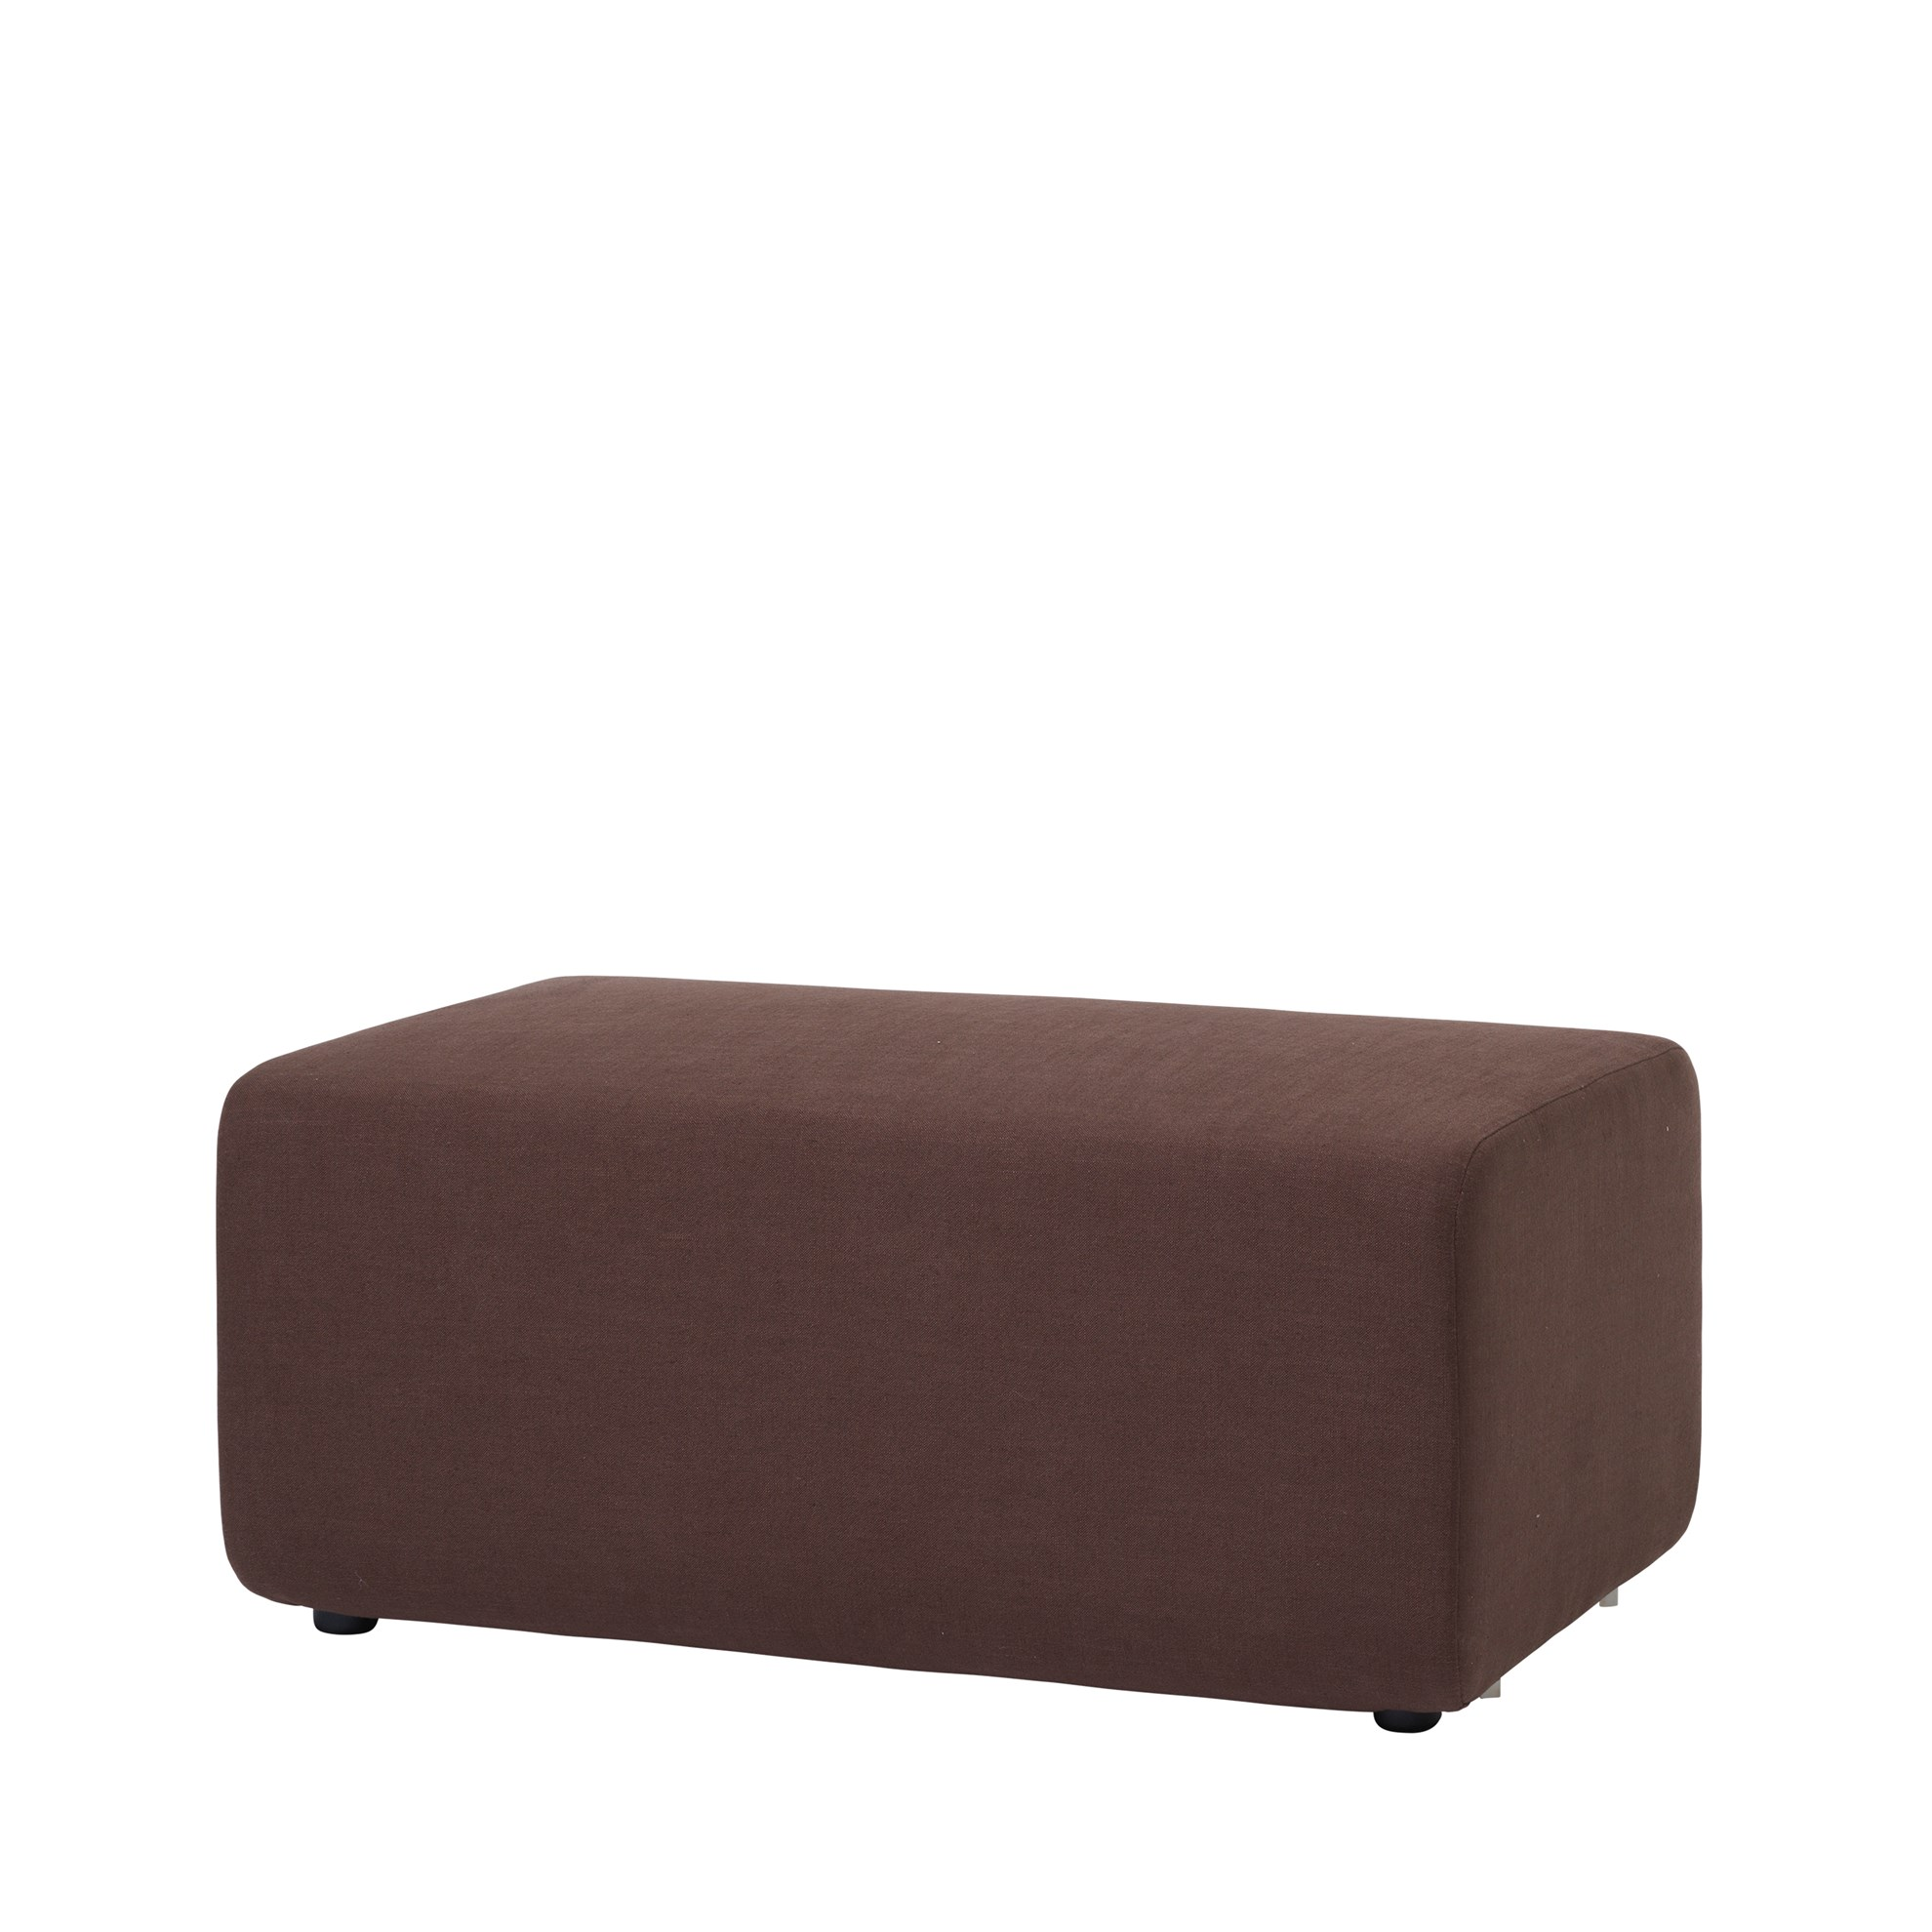 Modulární pouf LAGOON, CHOCOLATE_0